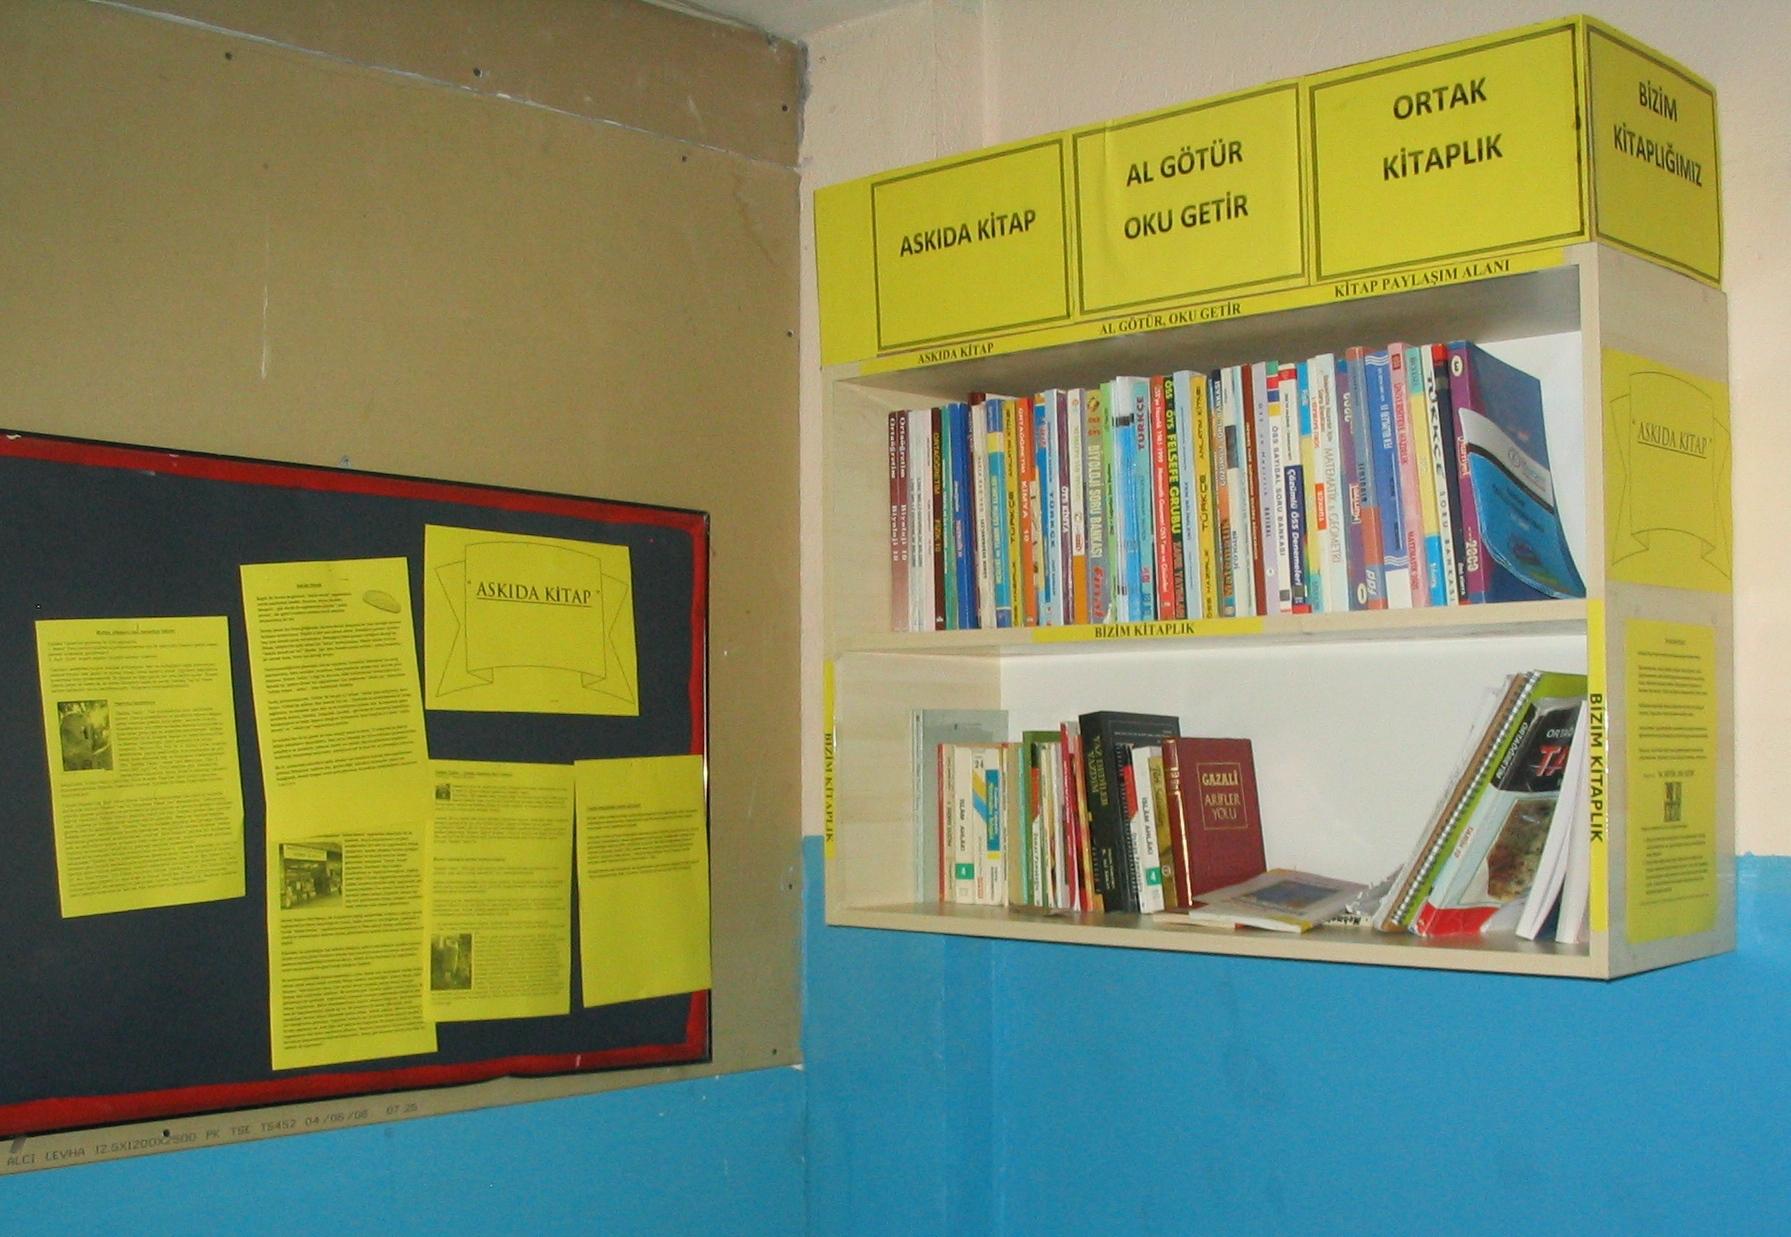 ortak kitaplık, okul projeleri, arif molu, eml, askıda kitap, bizim kitaplık, al götür, oku getir